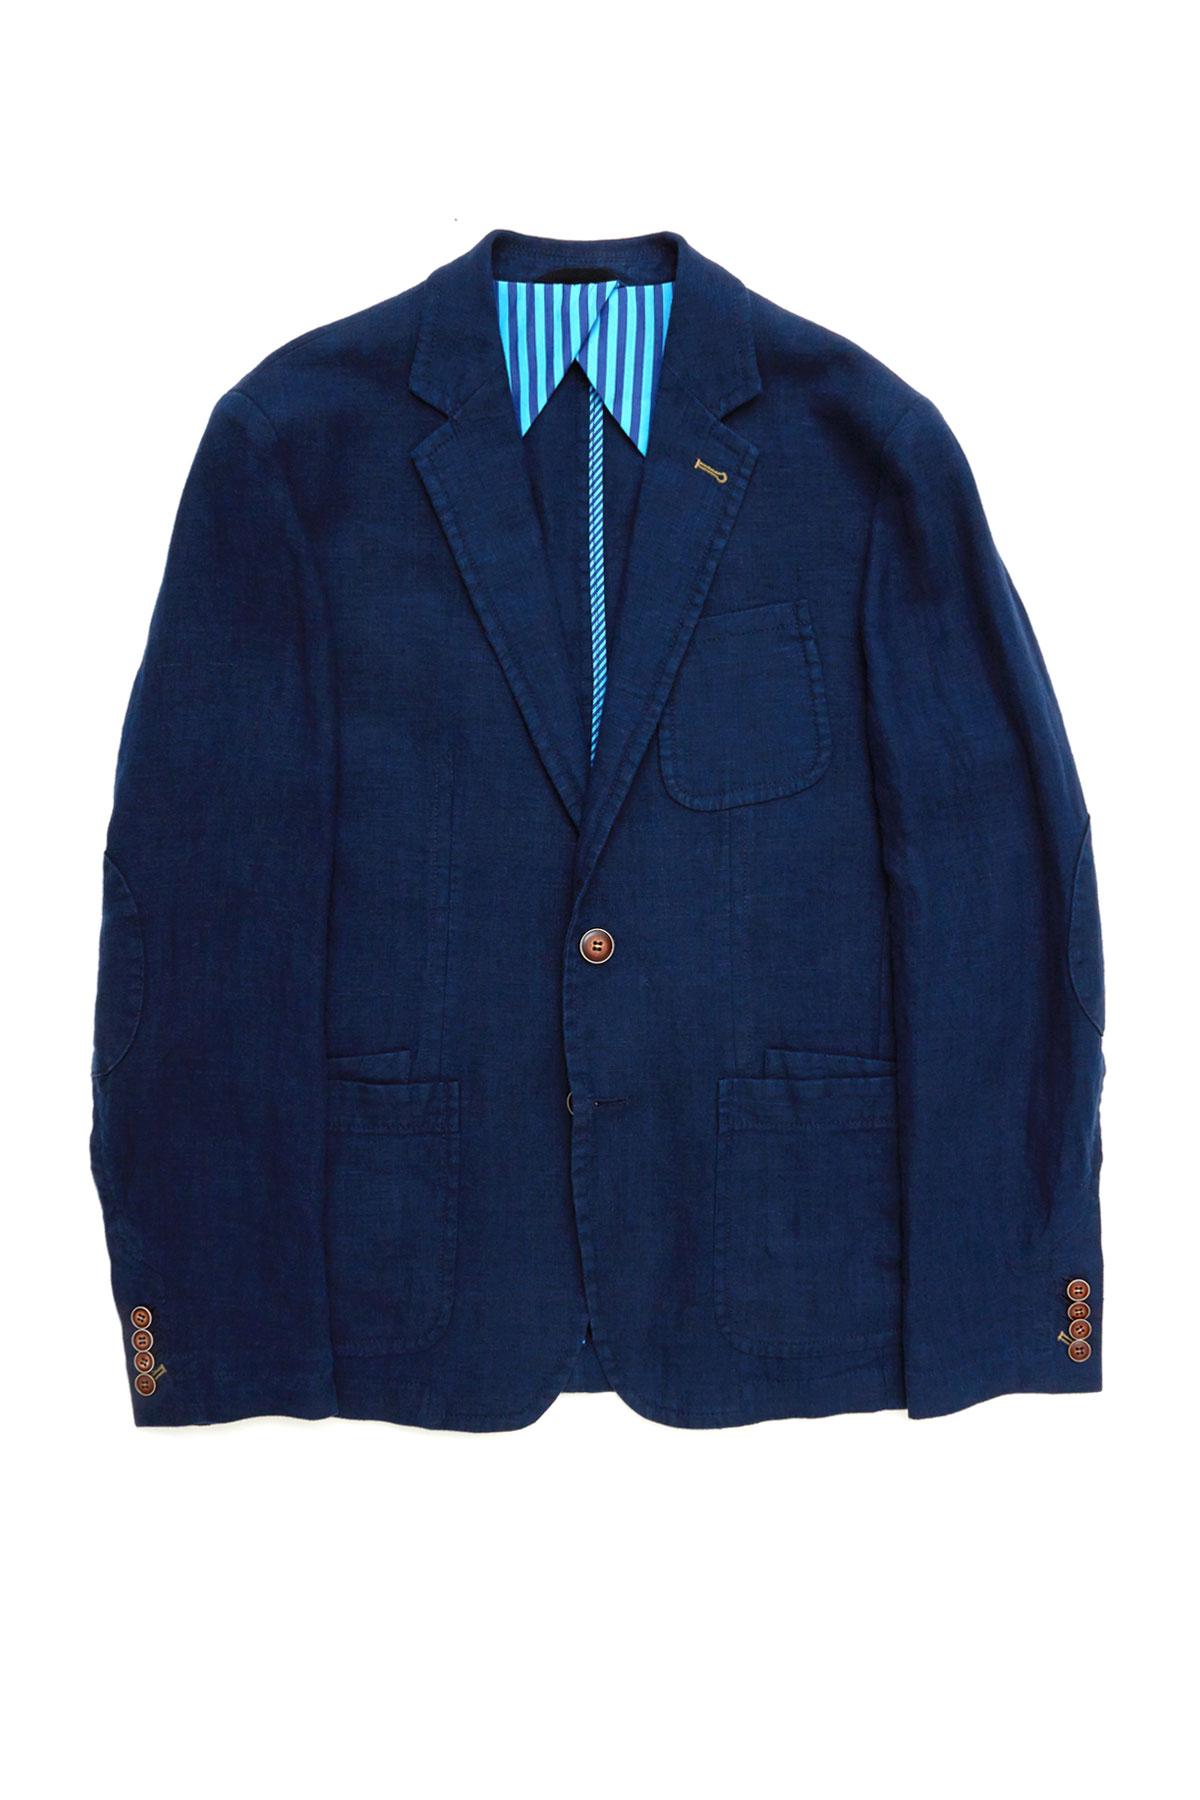 Пиджак темно-синего цвета Vaismann 1929-19